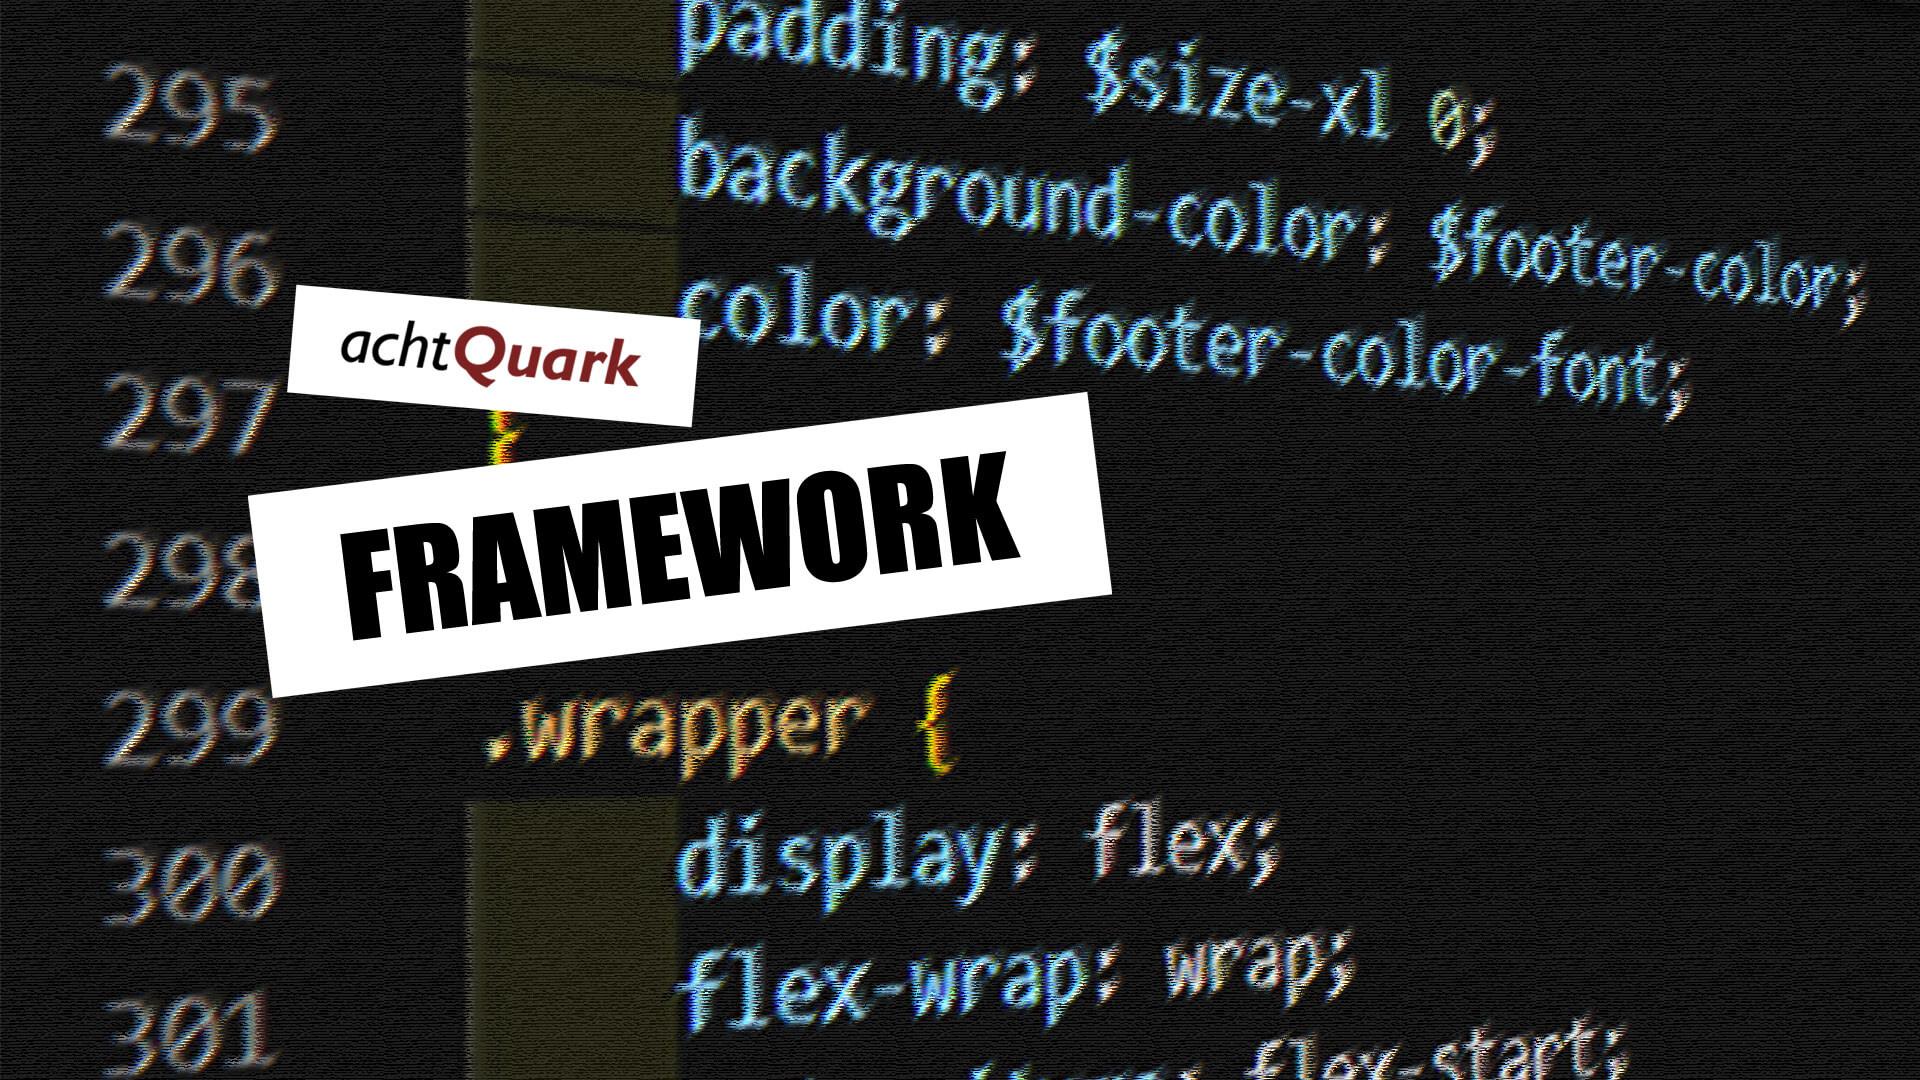 Das achtQuark Framework